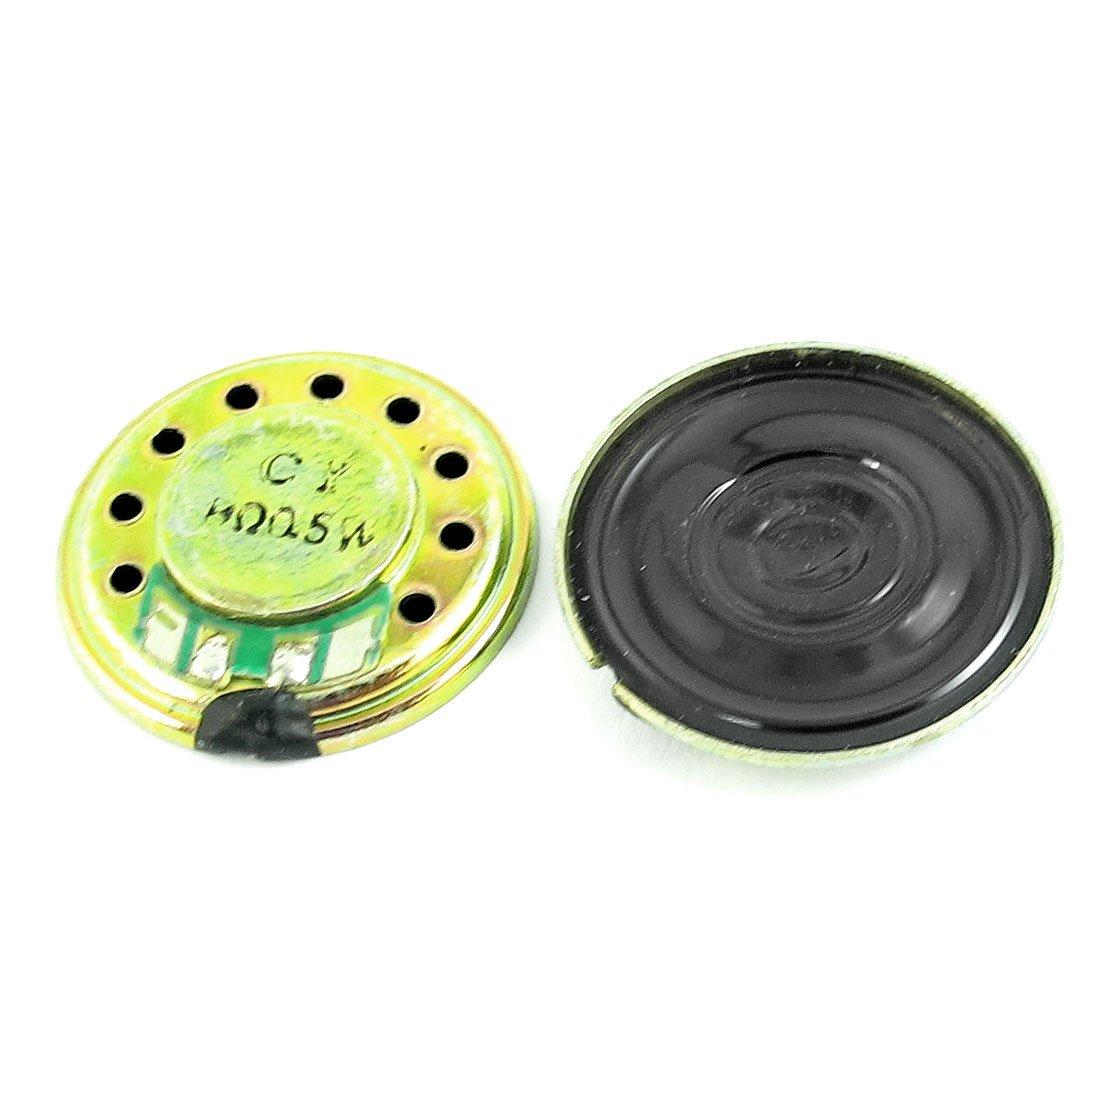 2 Pcs 0.5W 8 Ohm 20mm Diameter Round Magnet Speaker Loudspeaker Horn